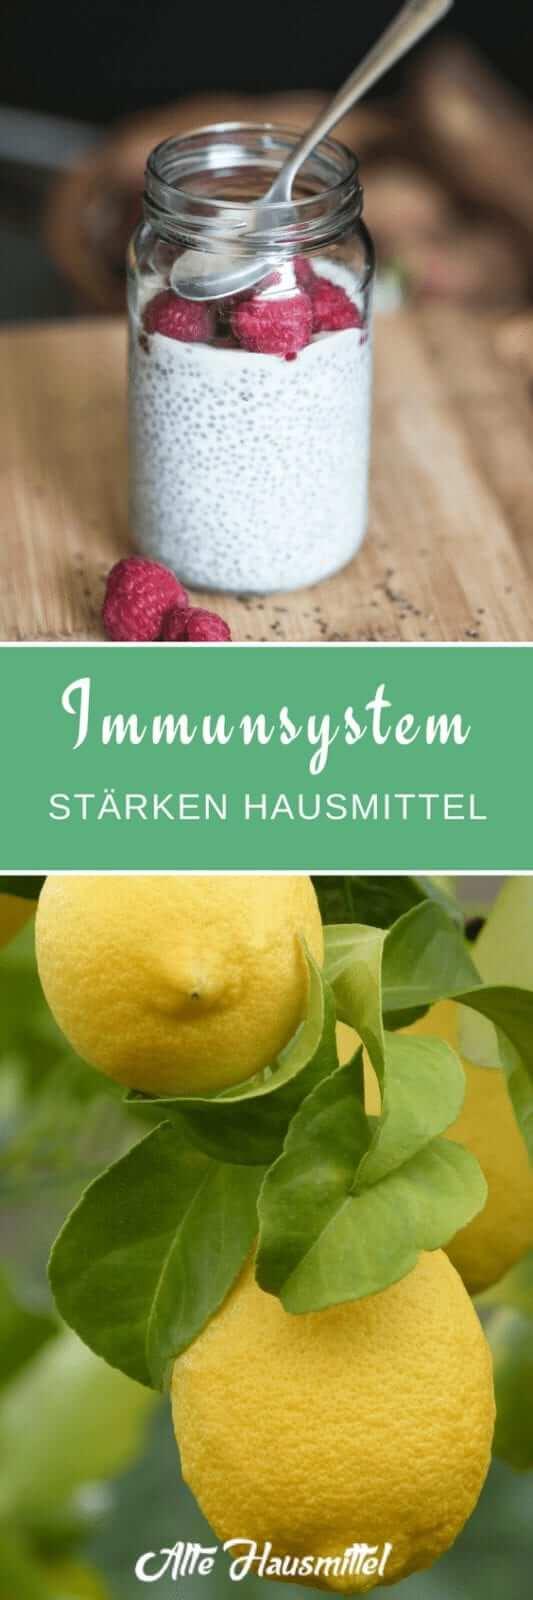 Immunsystem stärken mit Hausmitteln